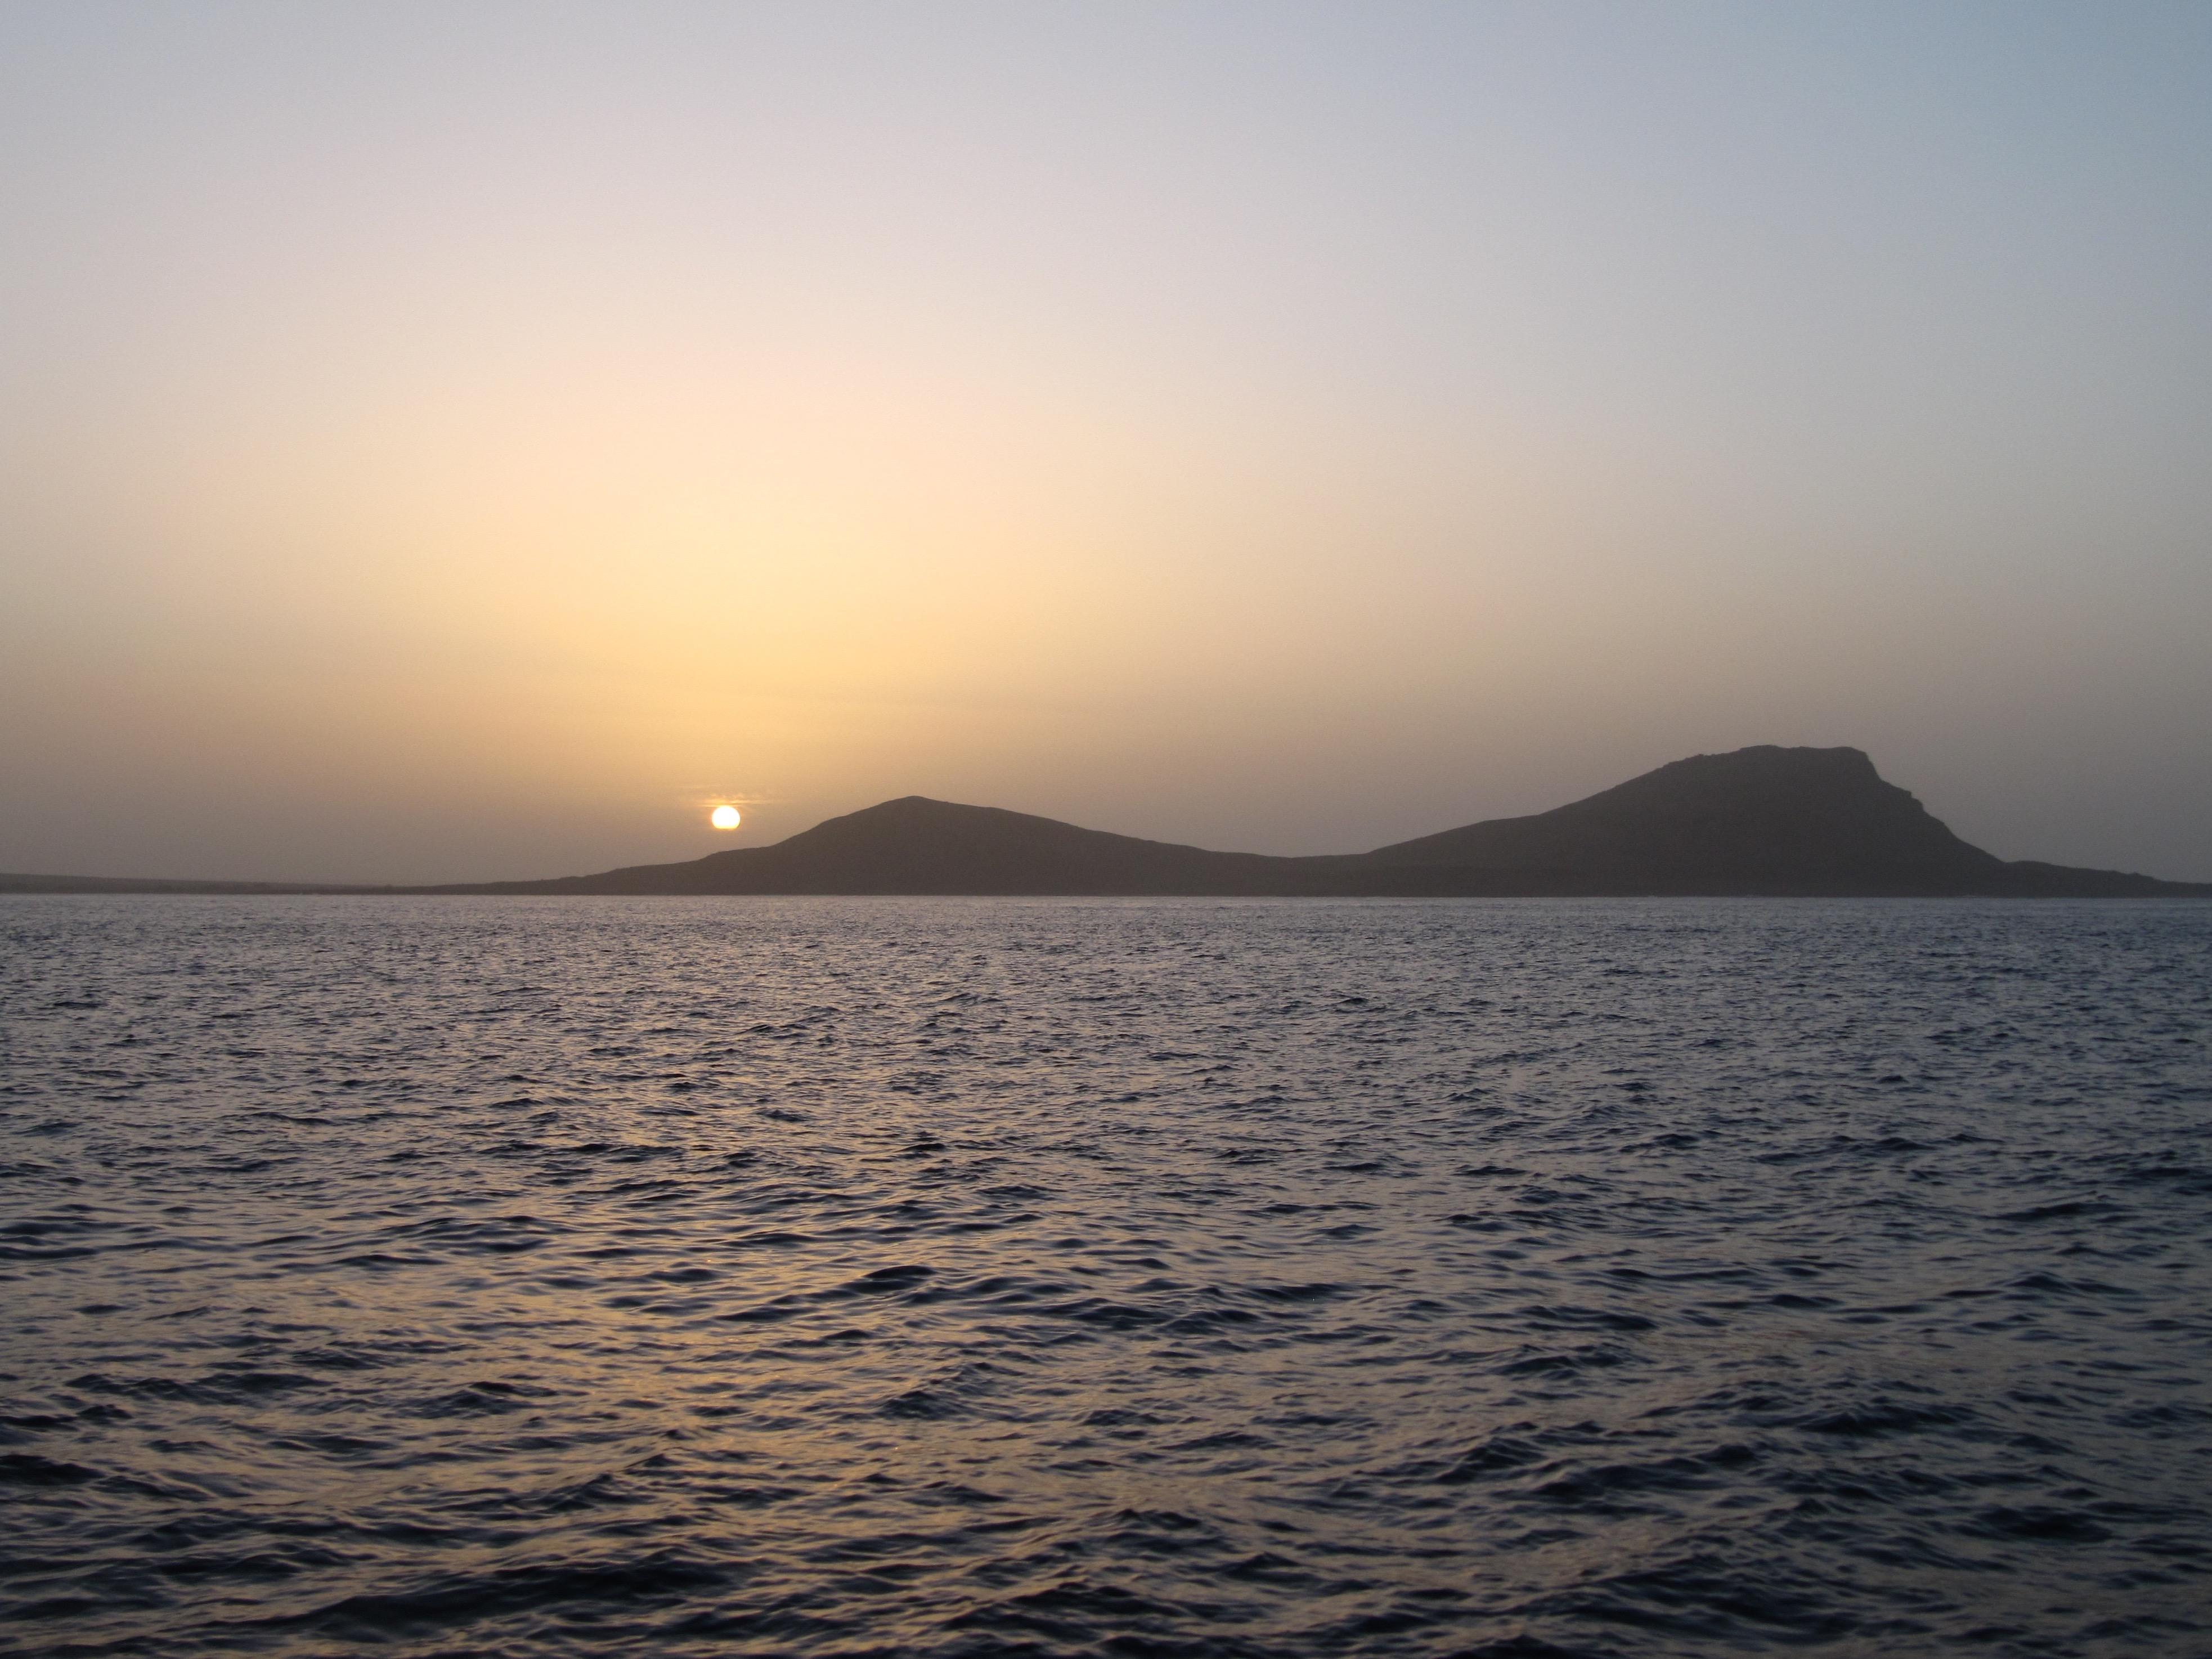 Onze aankomst bij Sal - Cabo Verde